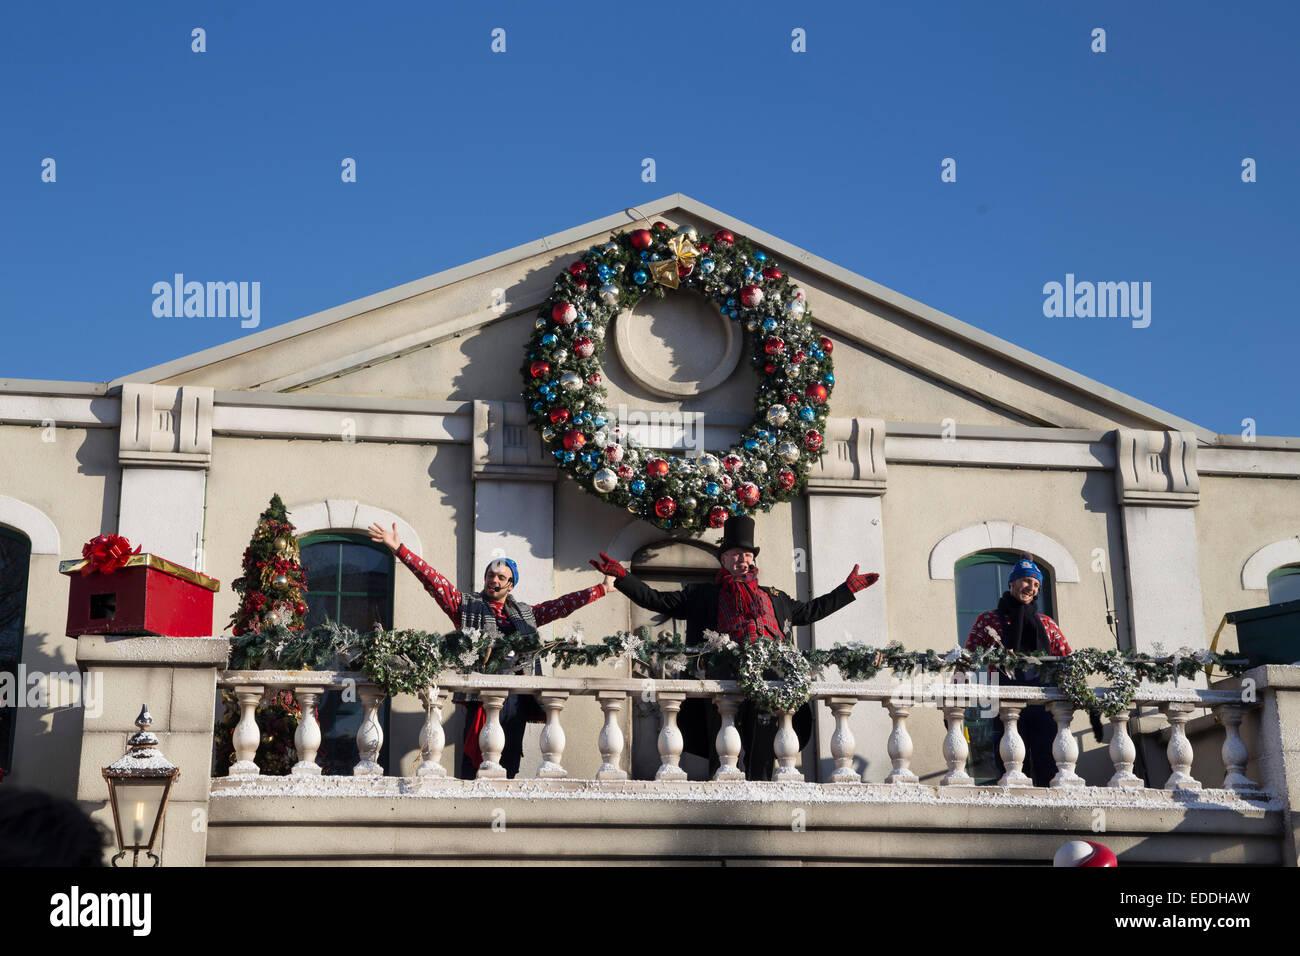 Ein Weihnachtslied Stockfotos & Ein Weihnachtslied Bilder - Alamy